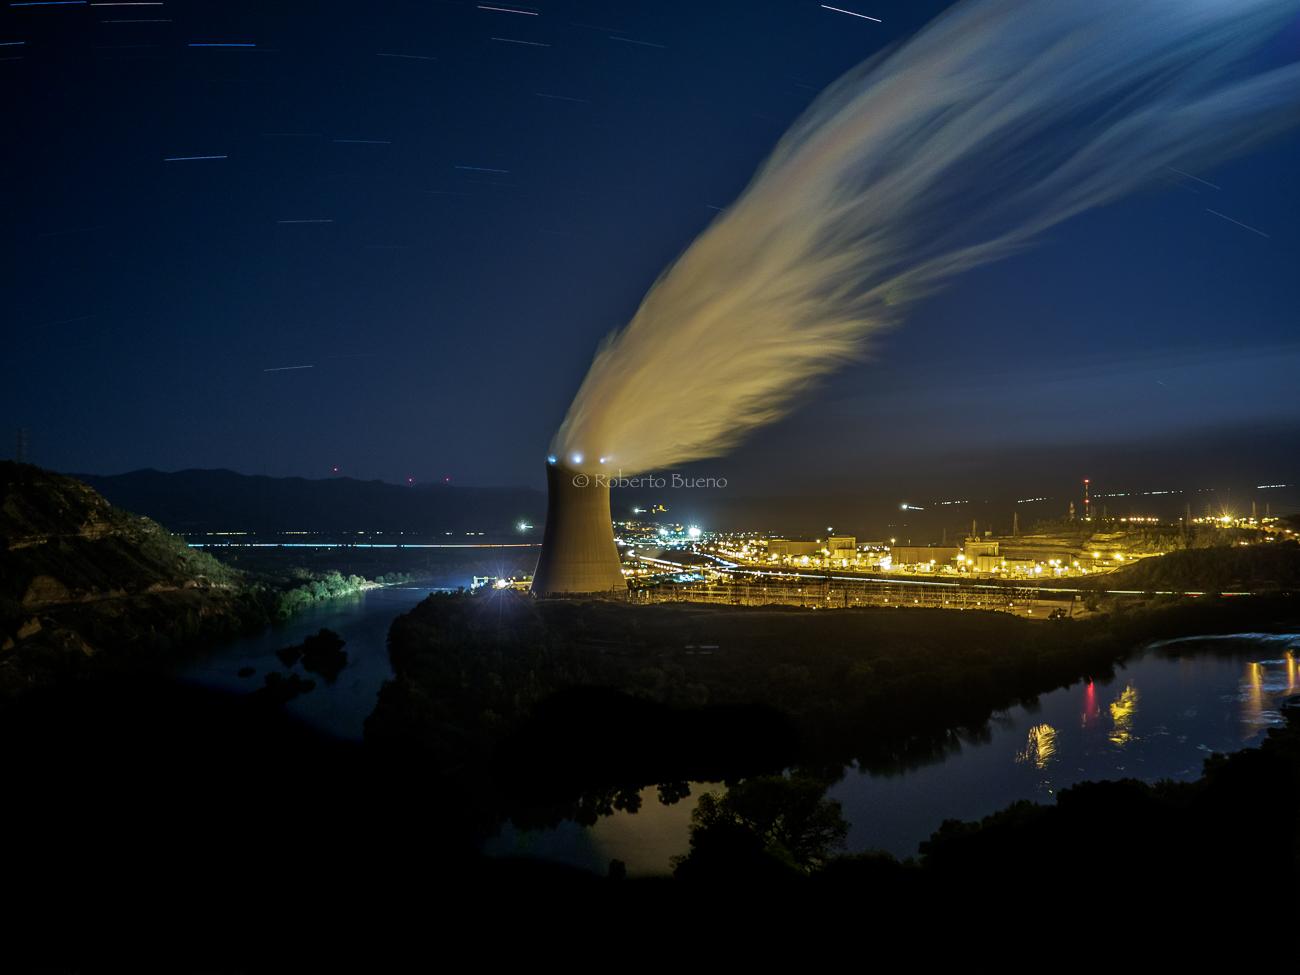 Torre de refrigeración y río Ebro. Central Nuclear de Ascó - Energía Nuclear - Roberto Bueno. Energía Nuclear y Centrales Nucleares